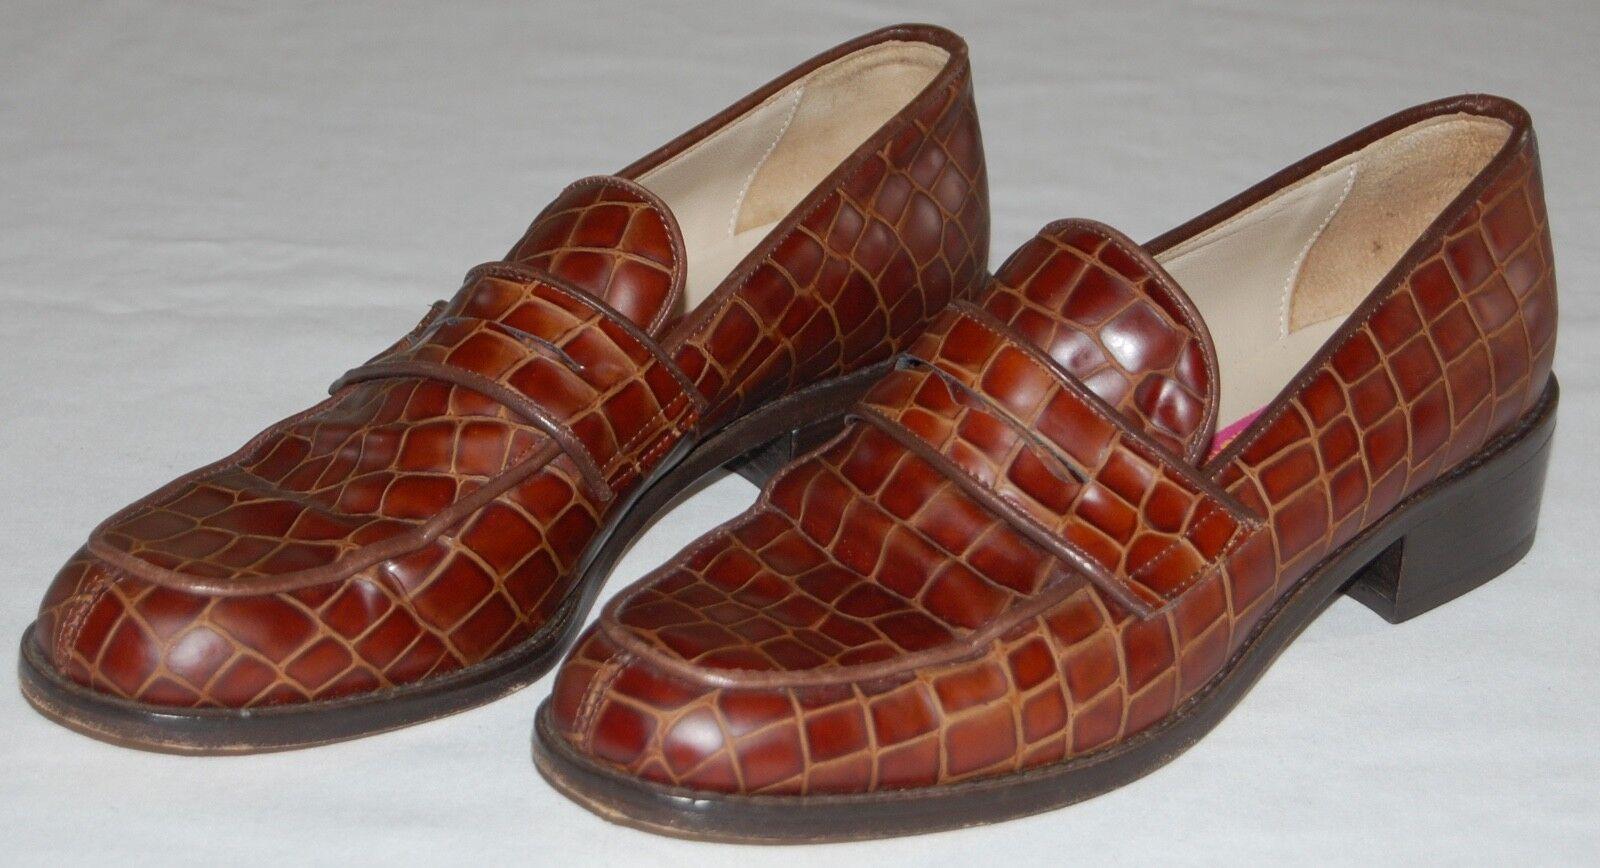 Pret Susan Bennis Warren Edwards marrone Alligator Loafers Donna Italy 37.5/US 7